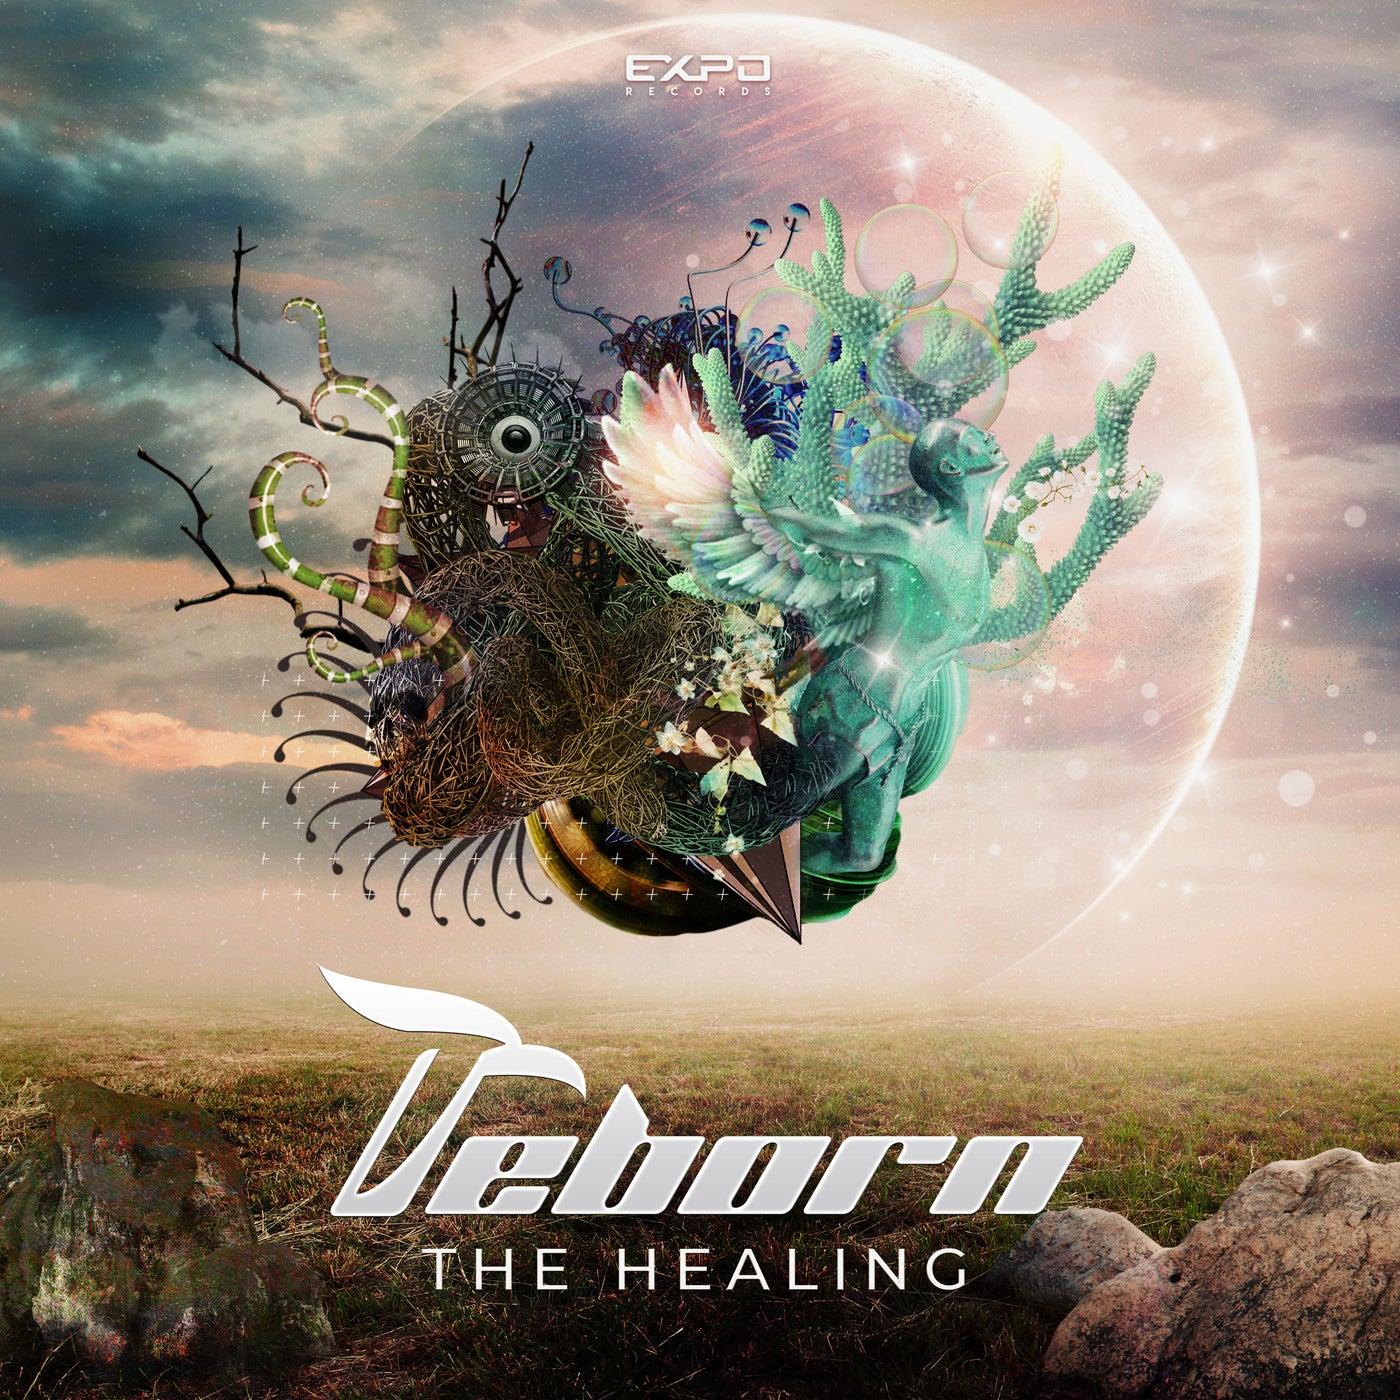 The Healing (Original Mix)